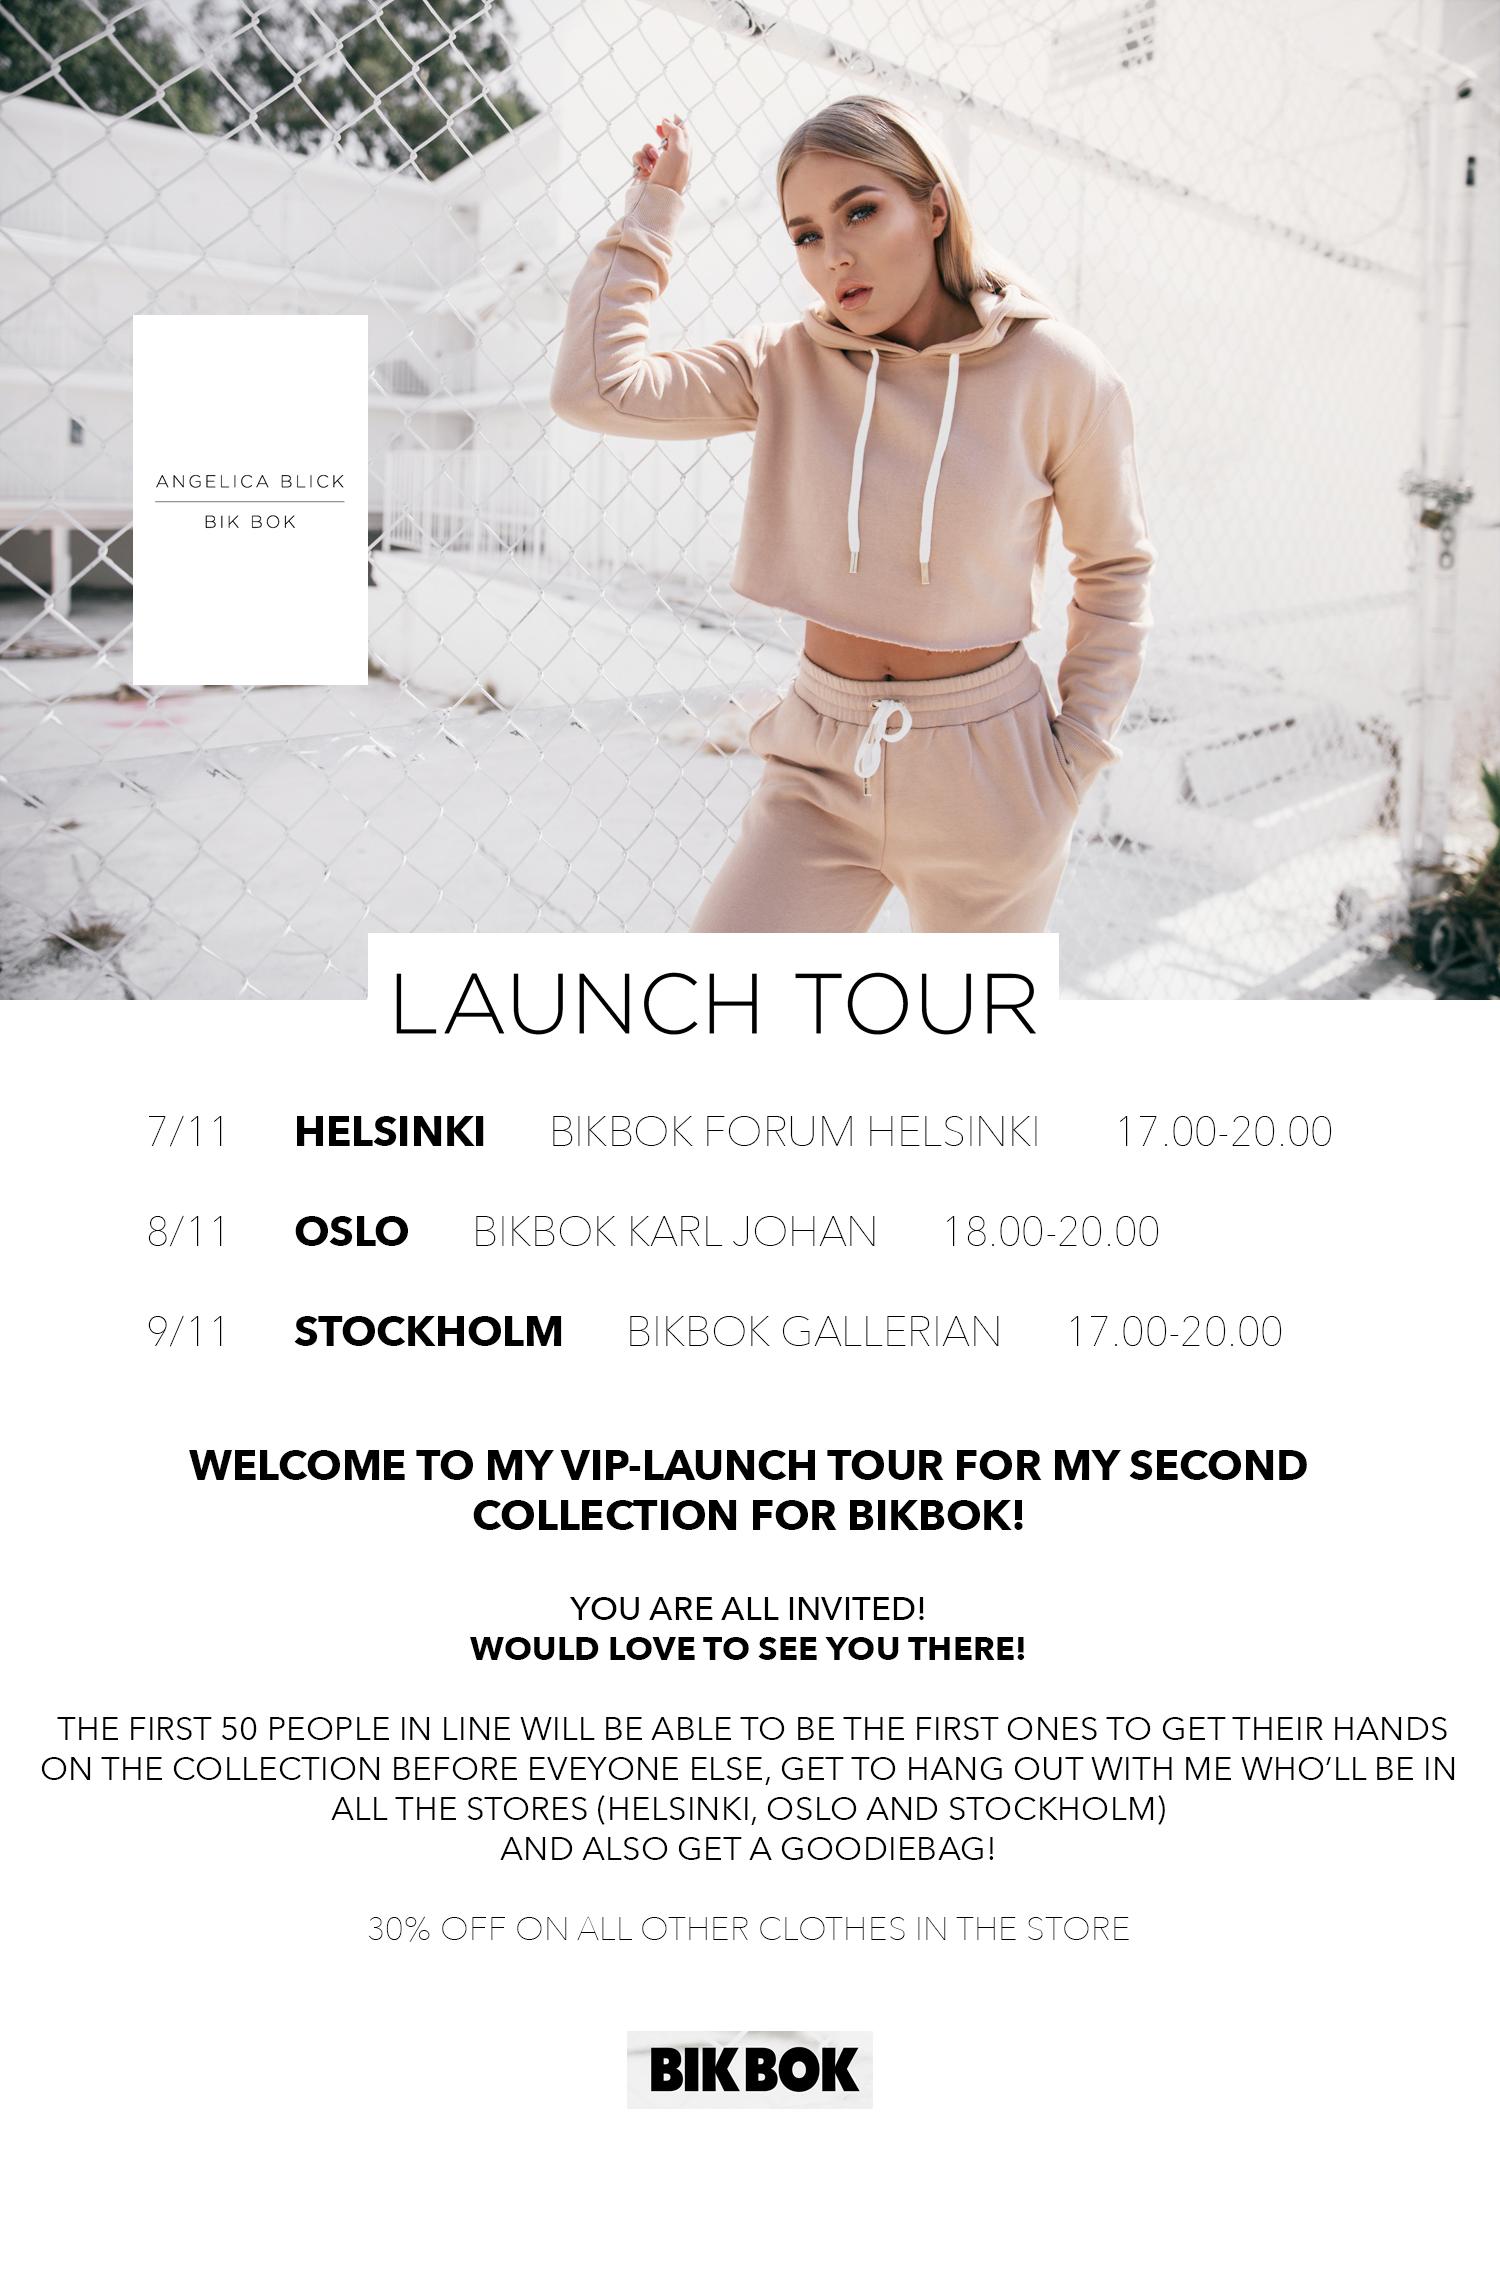 launchtour1